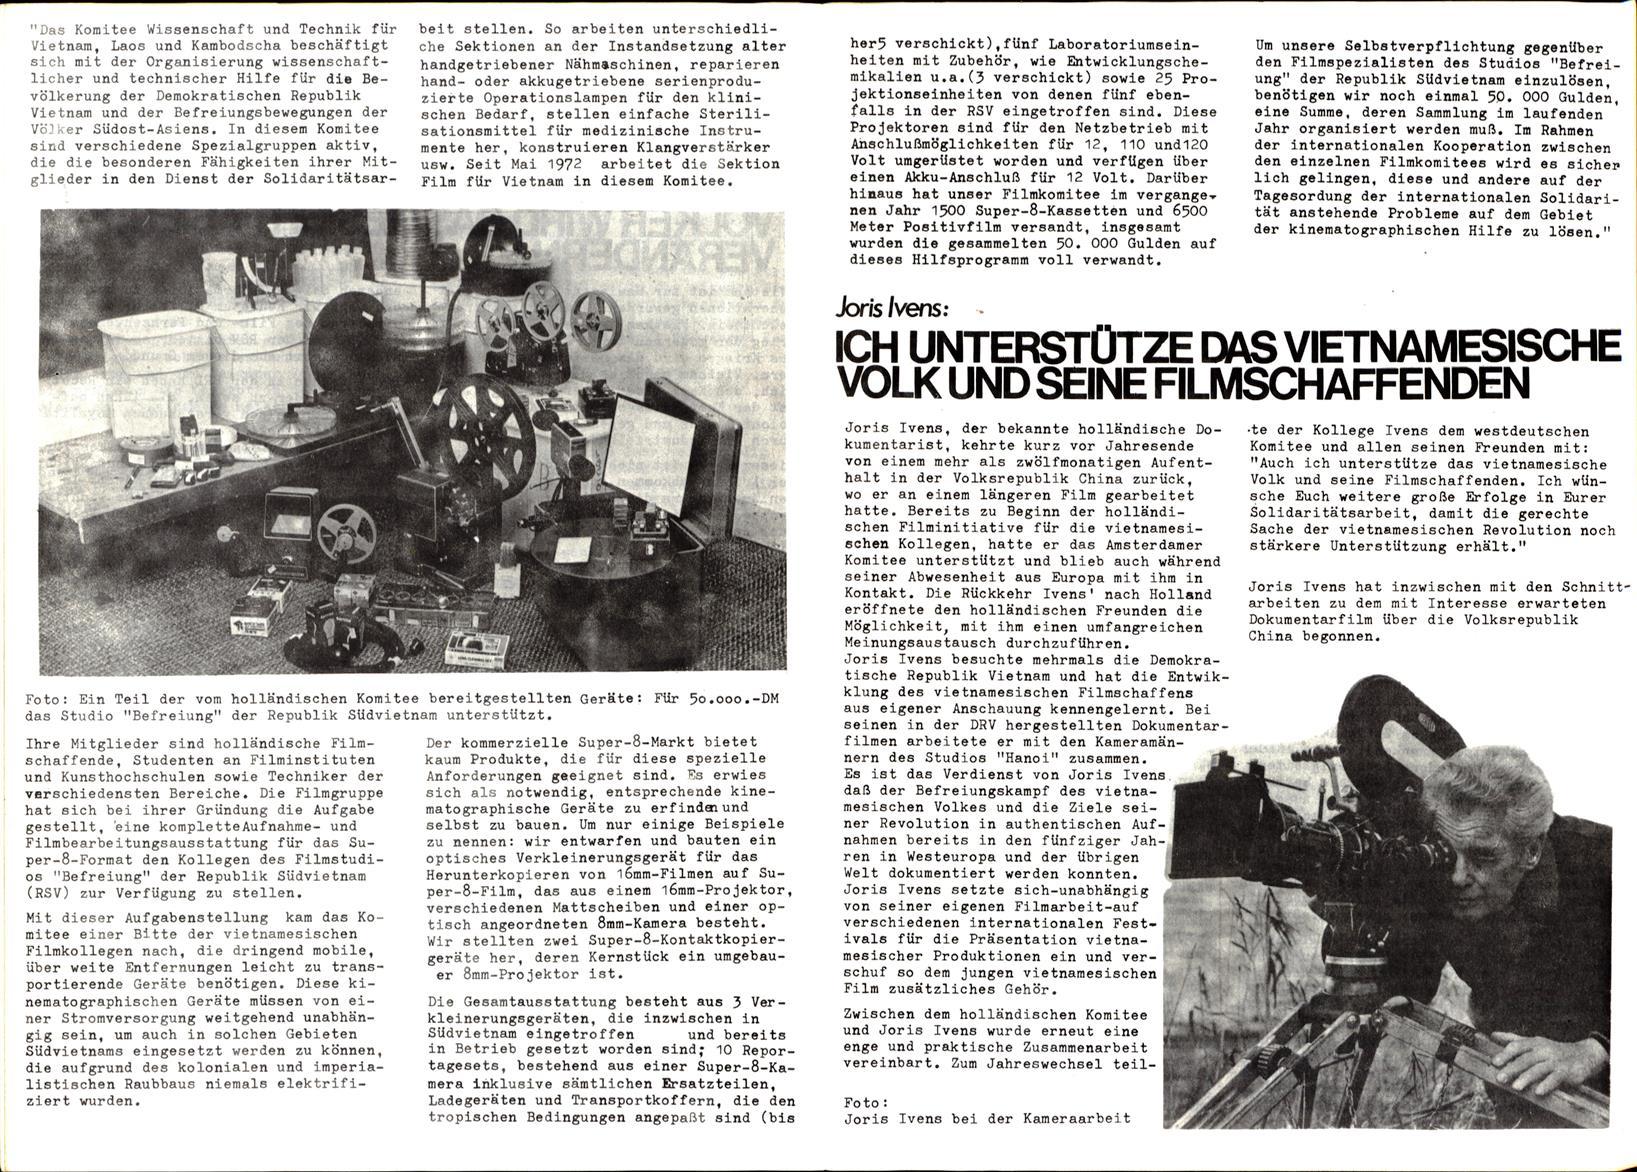 IK_Filmwesen_Bulletin_19740100_005_006_006